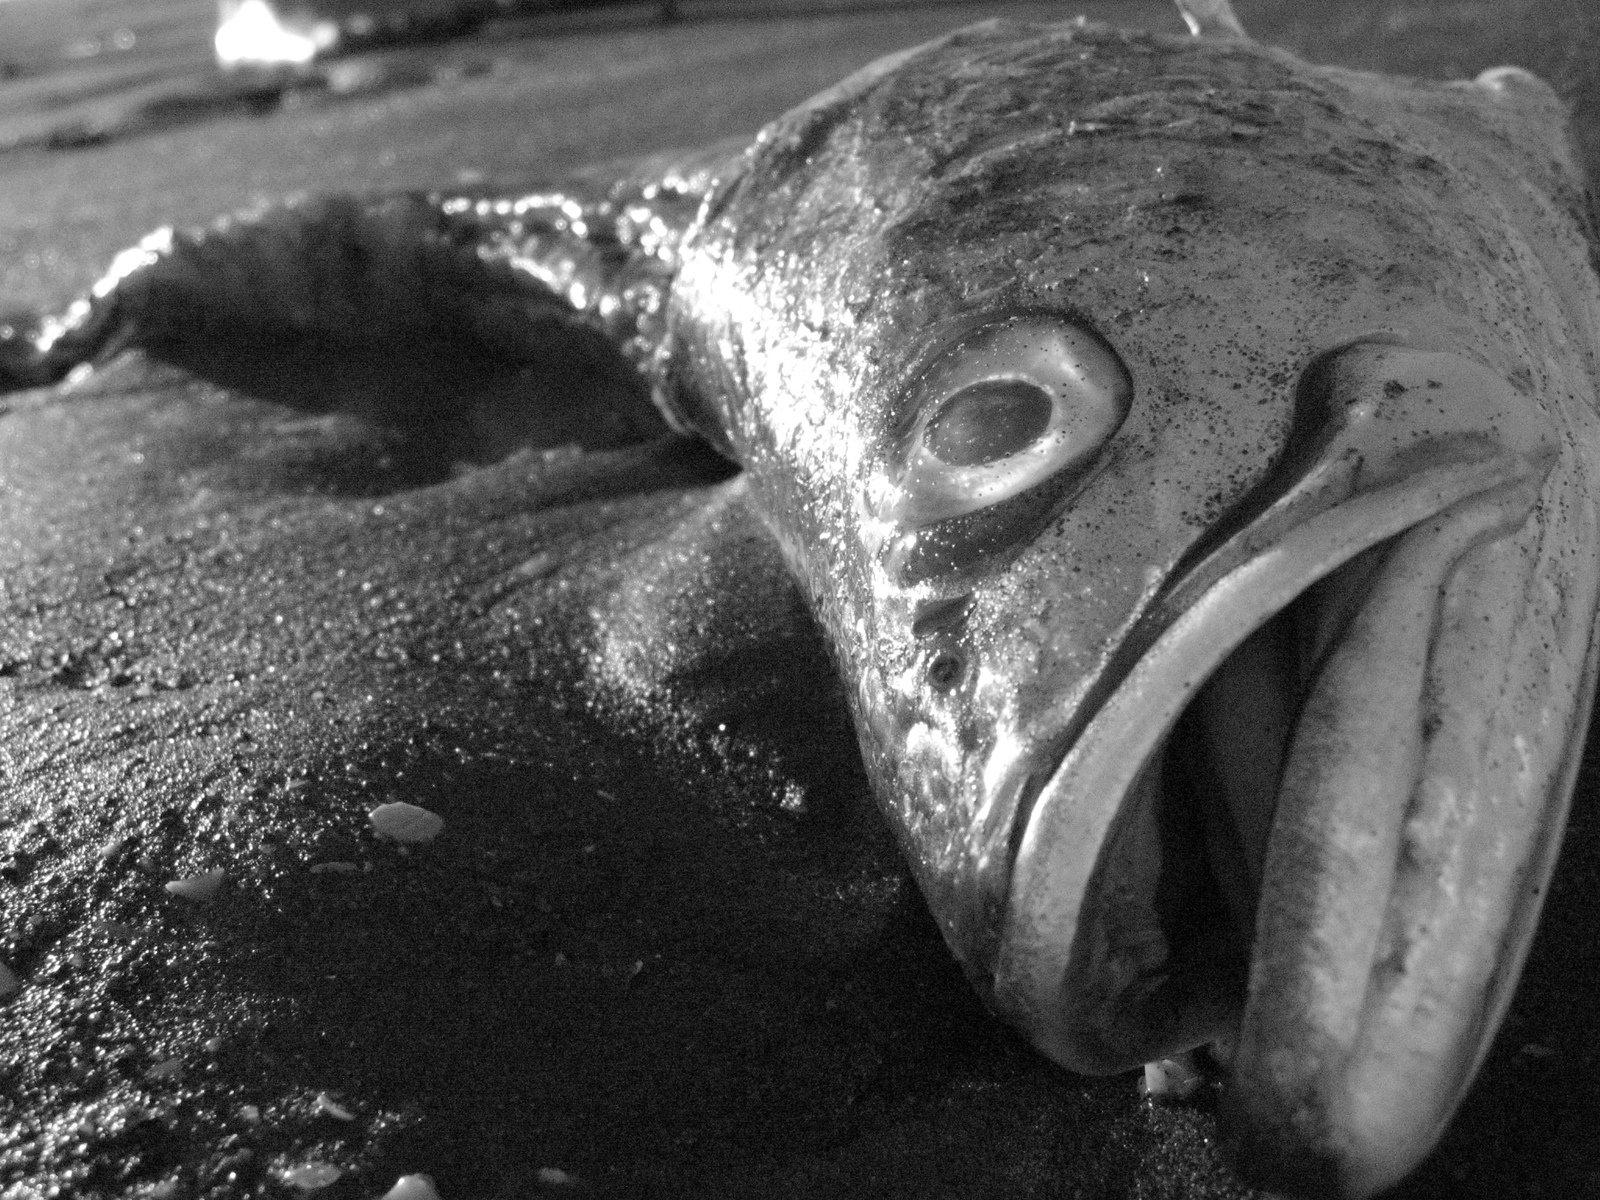 Видеть живую рыбку в аквариуме — ваши взаимоотношения с определенным человеком скованы некими рамками.